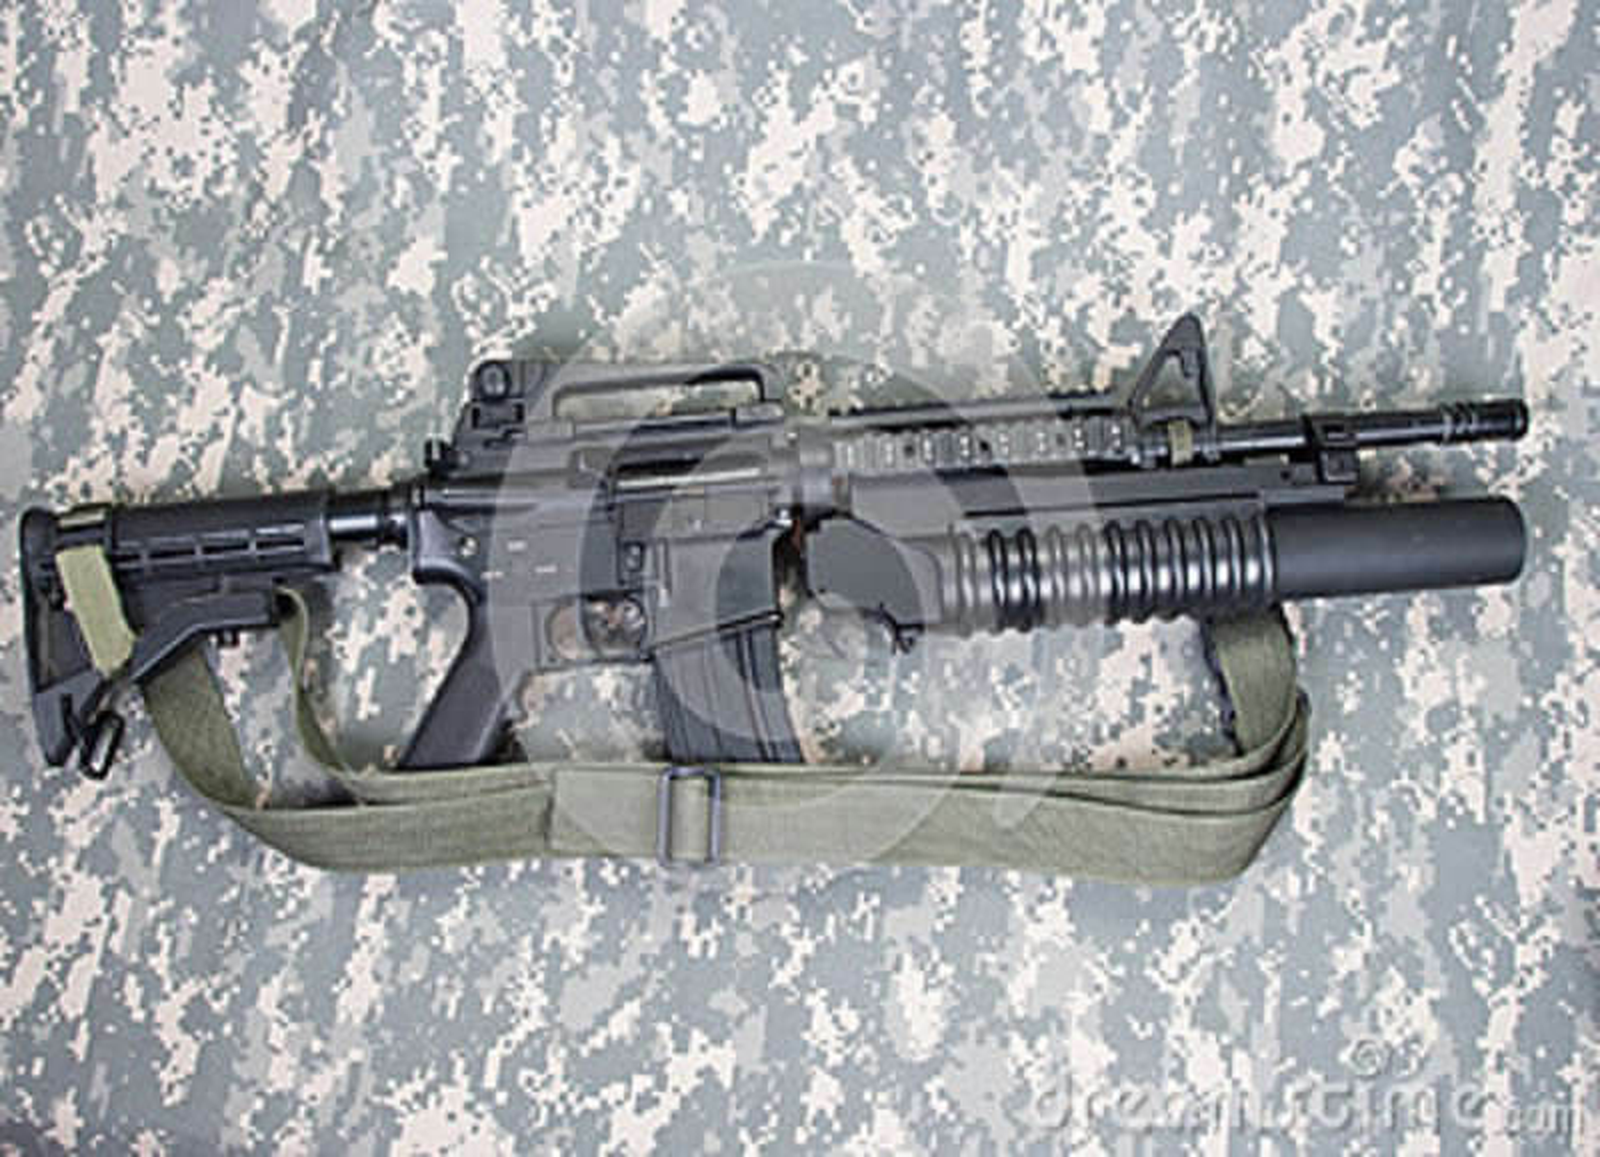 Download Carabina M4A1 Fornita Di Lanciagranate M203 Immagine Stock - Immagine di firearms, munito: 36892887